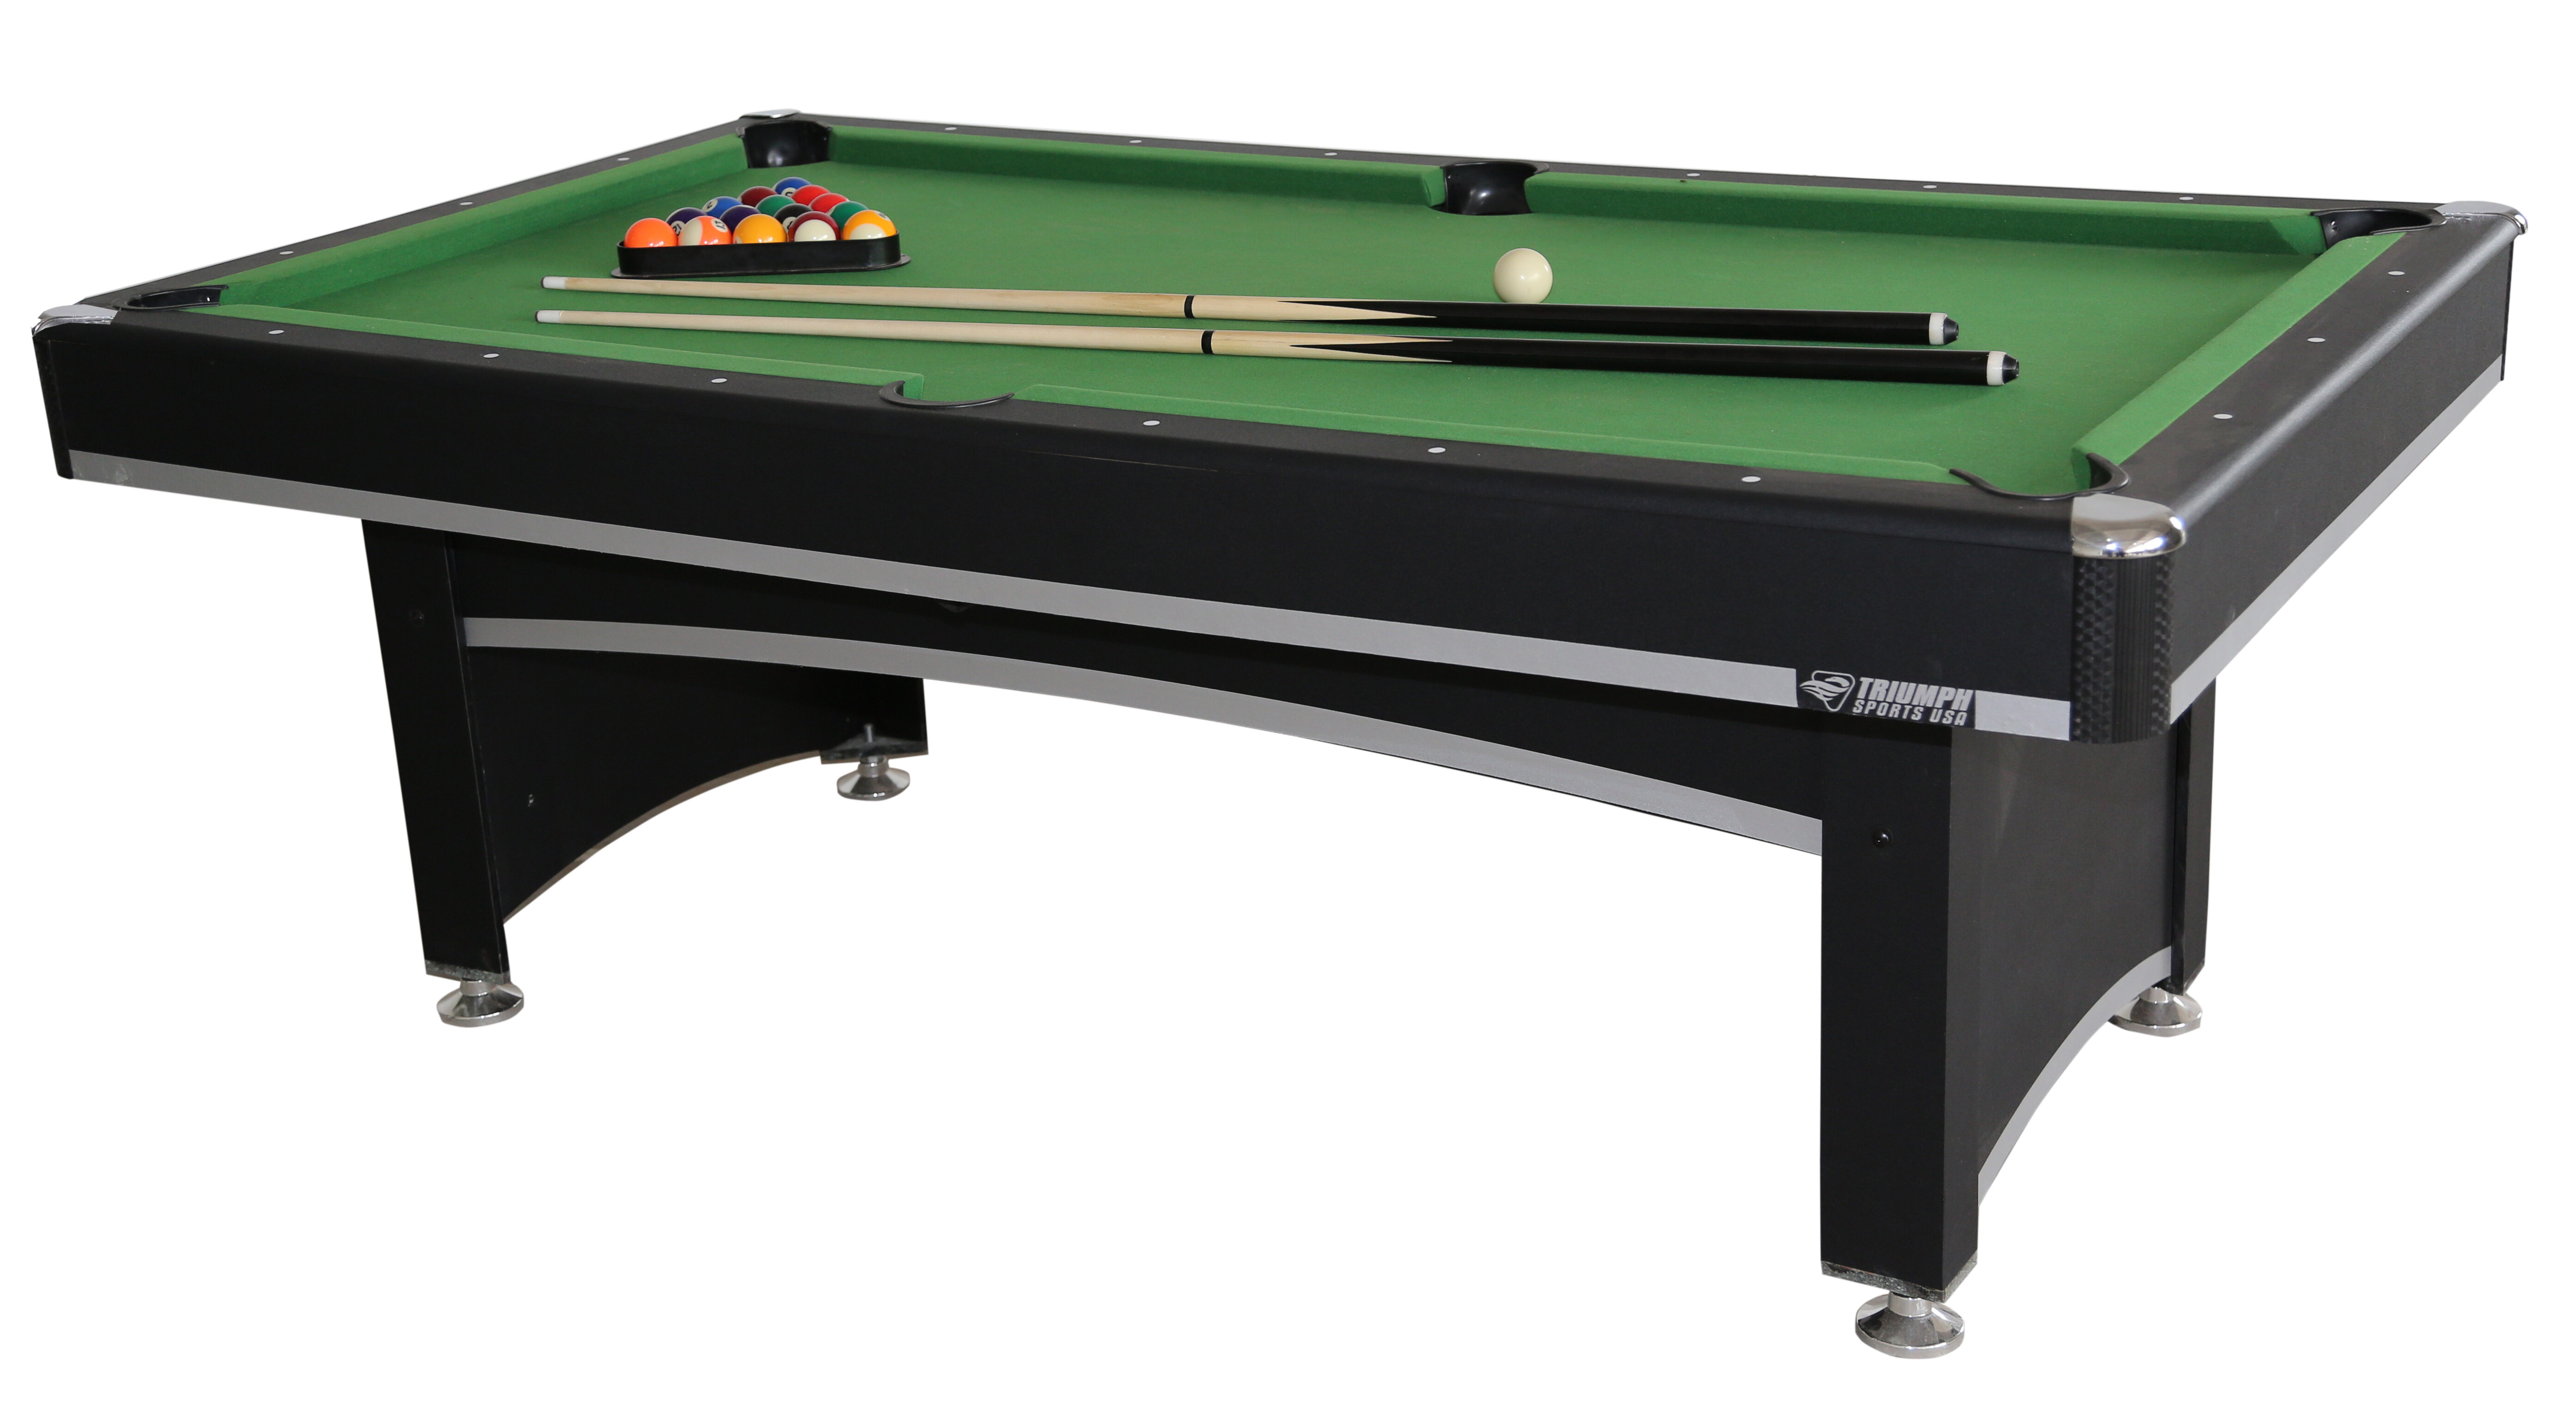 Triumph Sports USA Phoenix Billiard Table With Table Tennis Top - Table tennis and billiards table